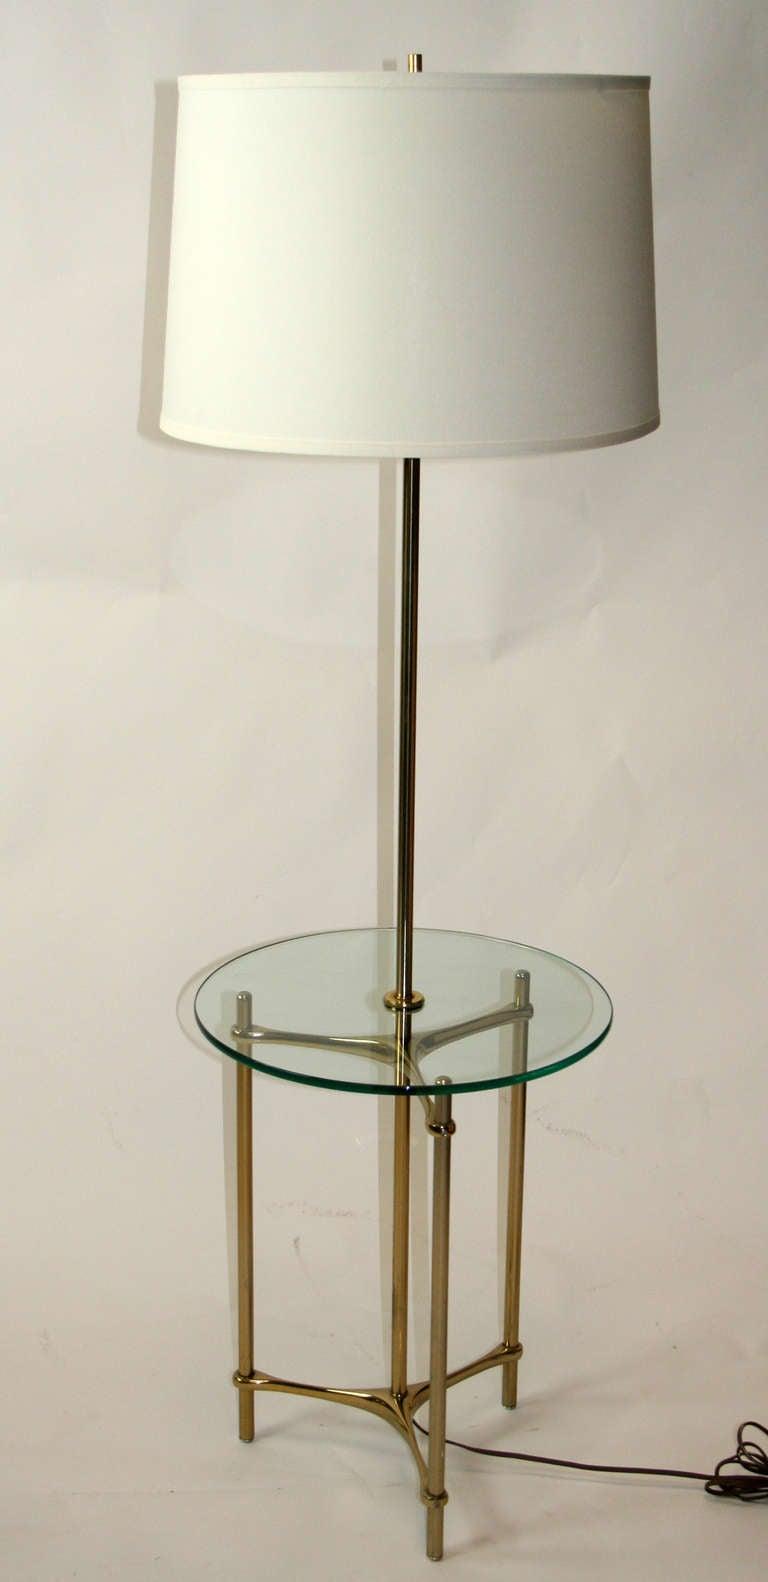 laurel floor lamp table at 1stdibs. Black Bedroom Furniture Sets. Home Design Ideas